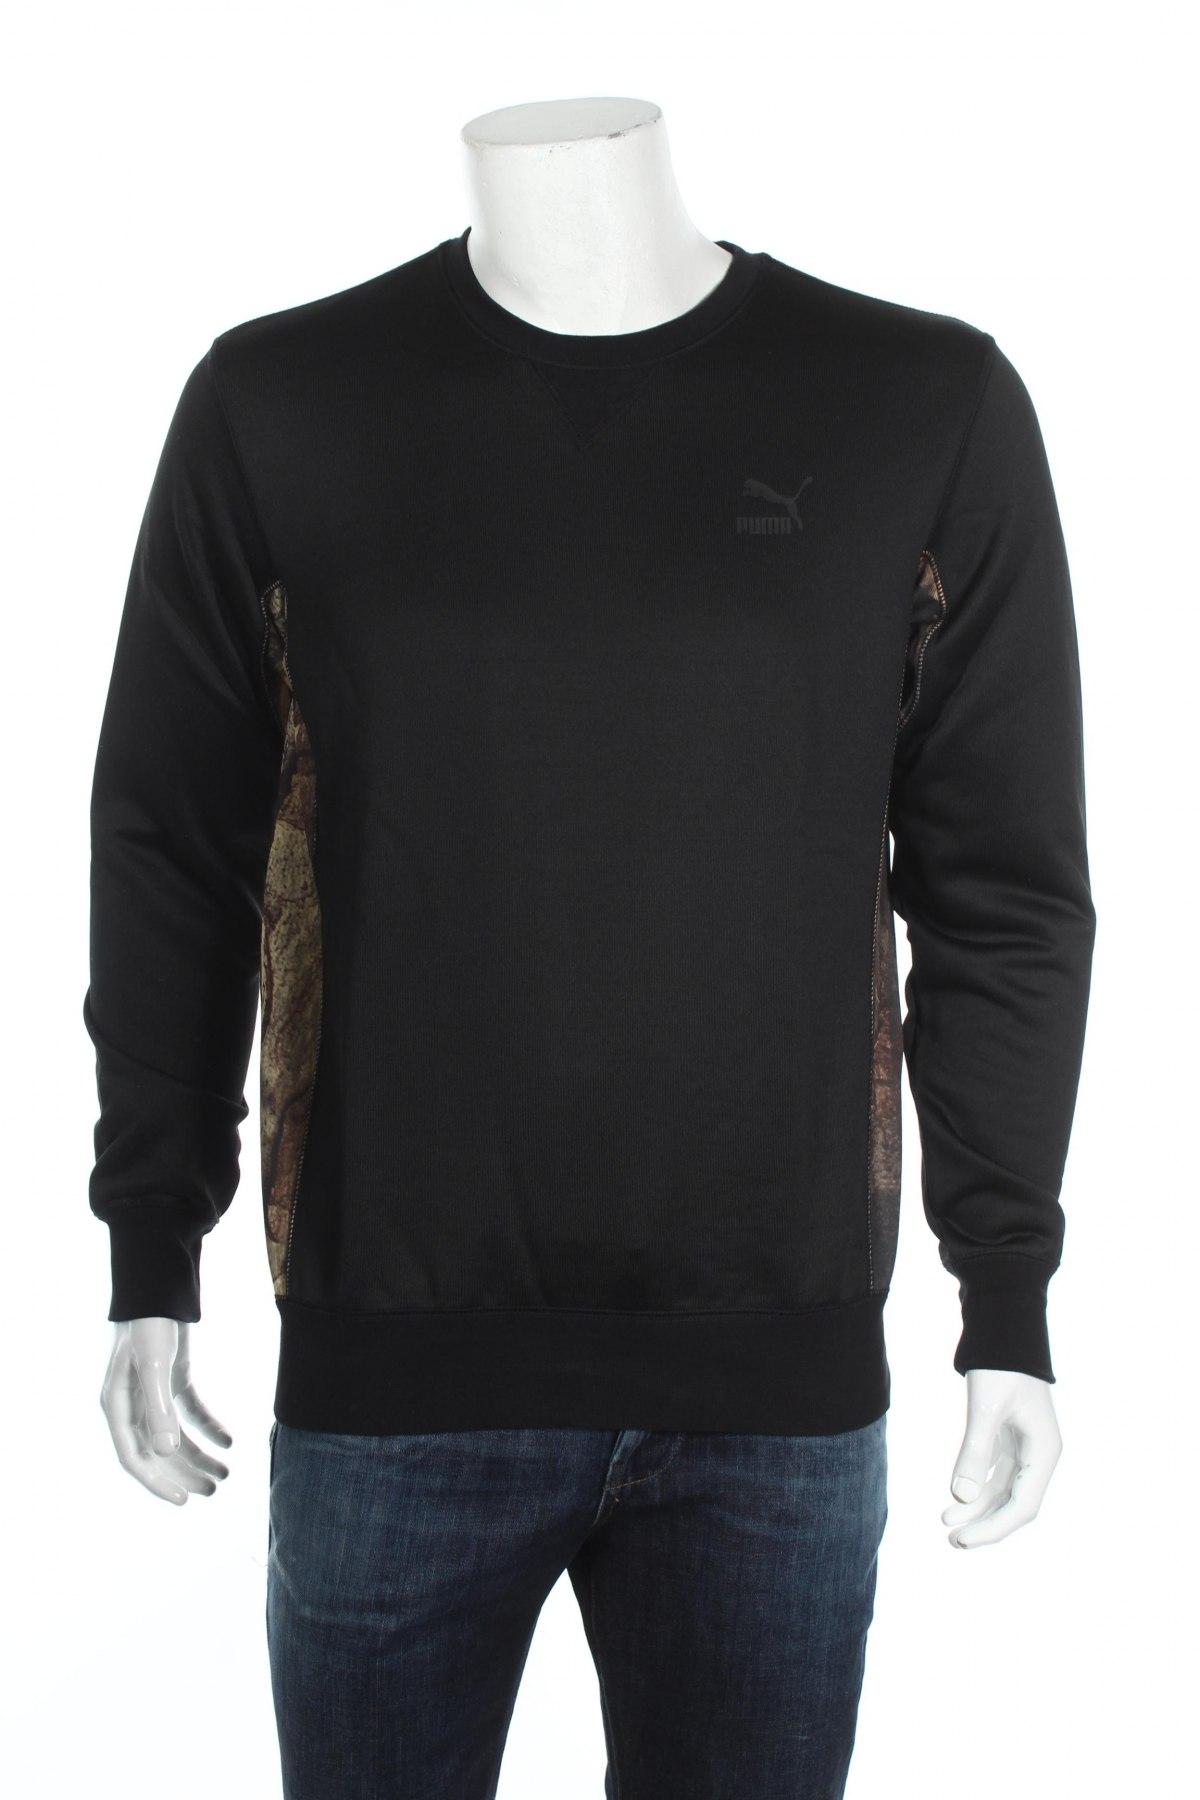 Ανδρική αθλητική μπλούζα Puma